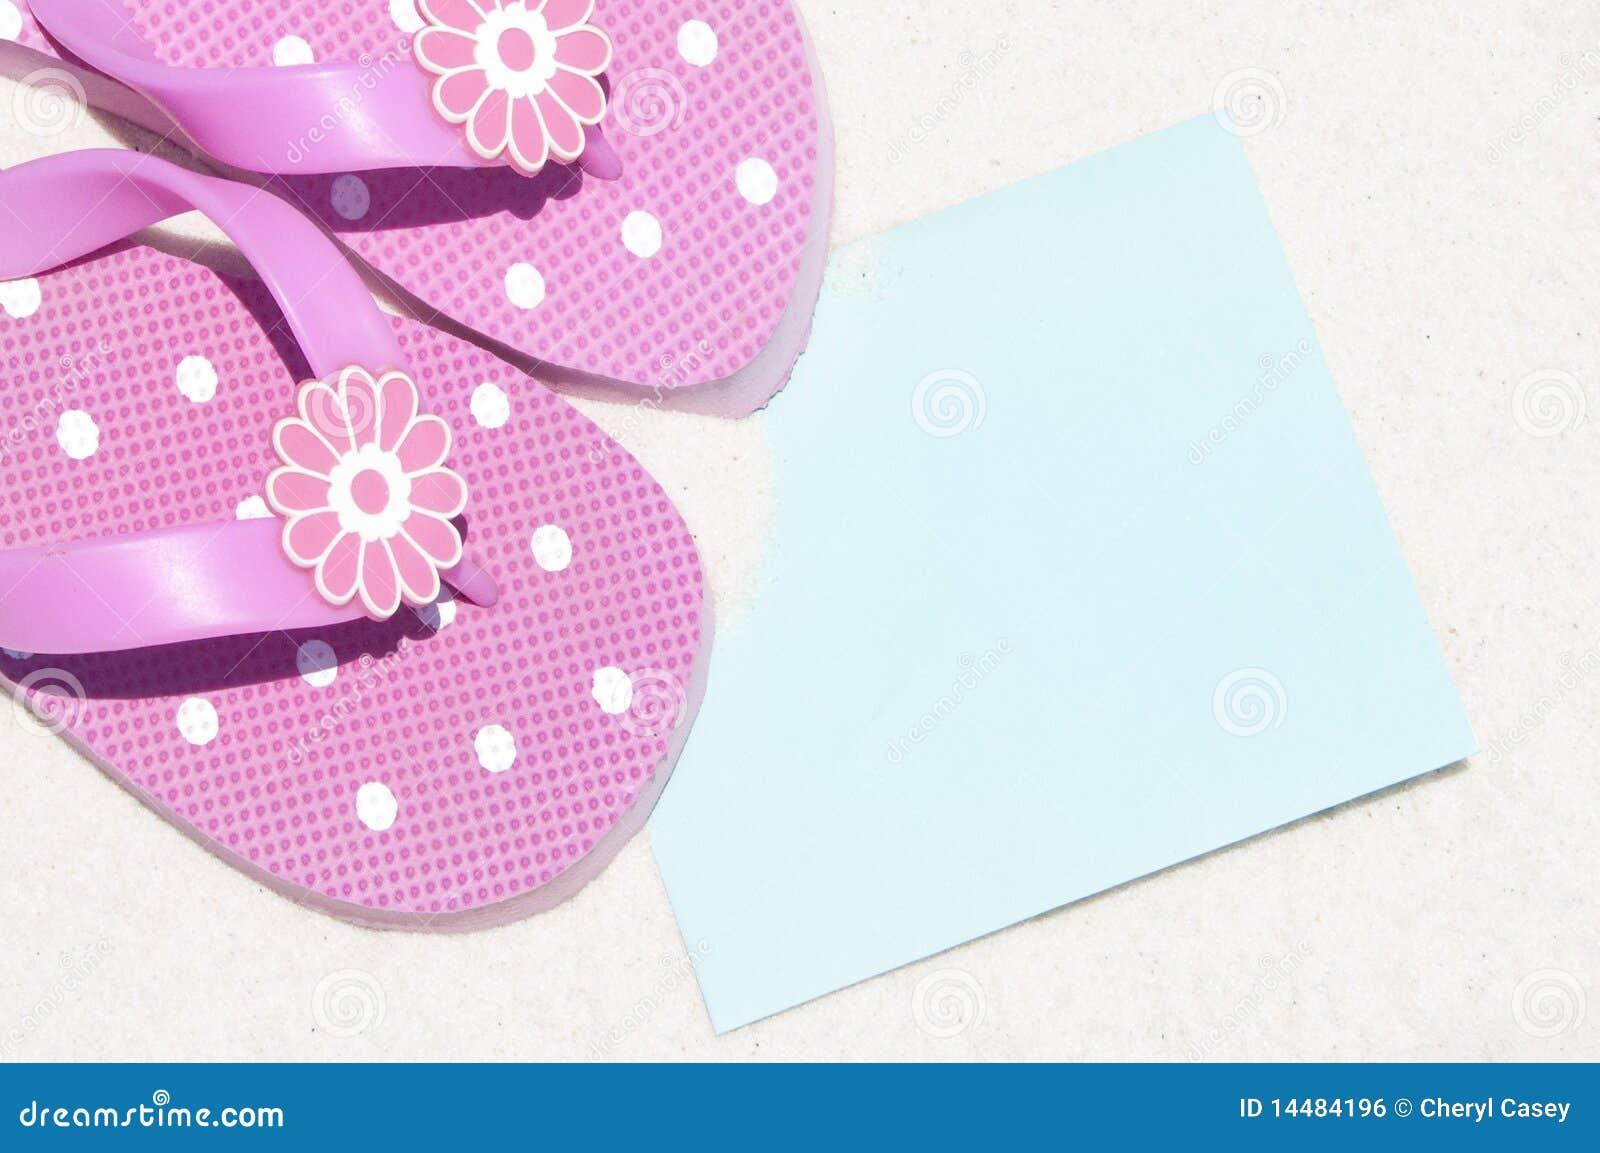 Flip flops by card